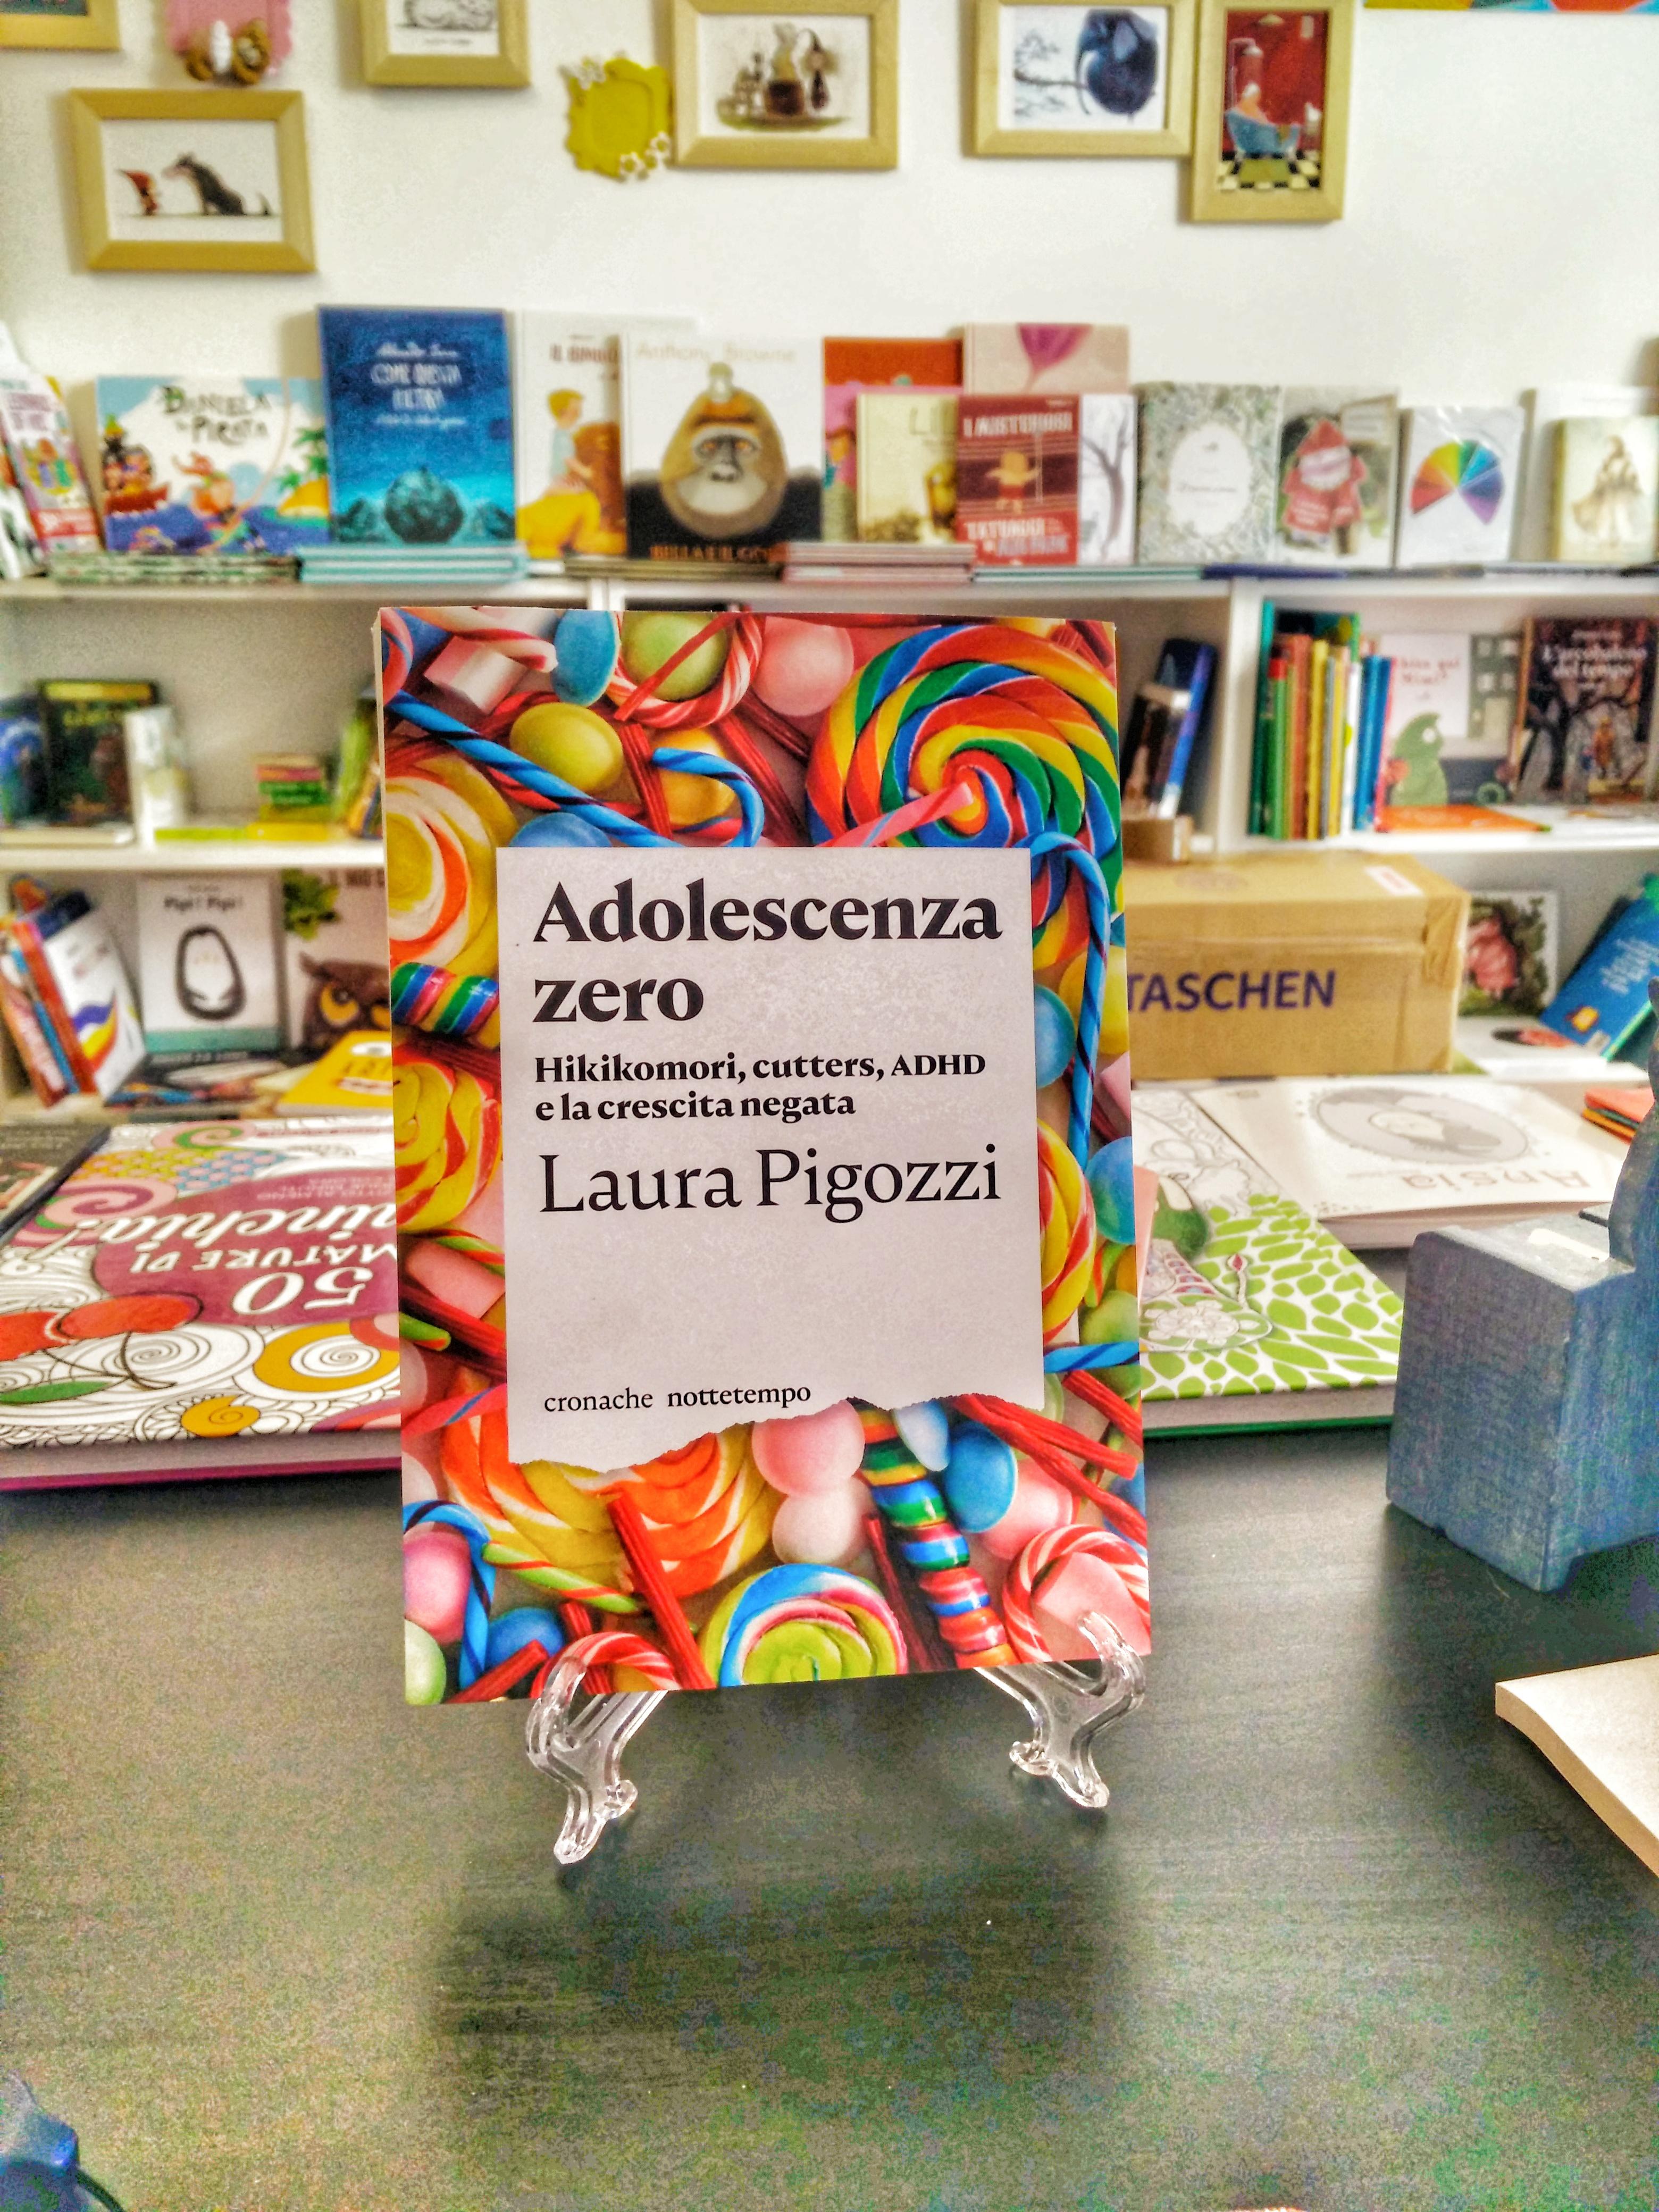 Adolescenza zero. Hikikomori, cutters, ADHD e la crescita negata